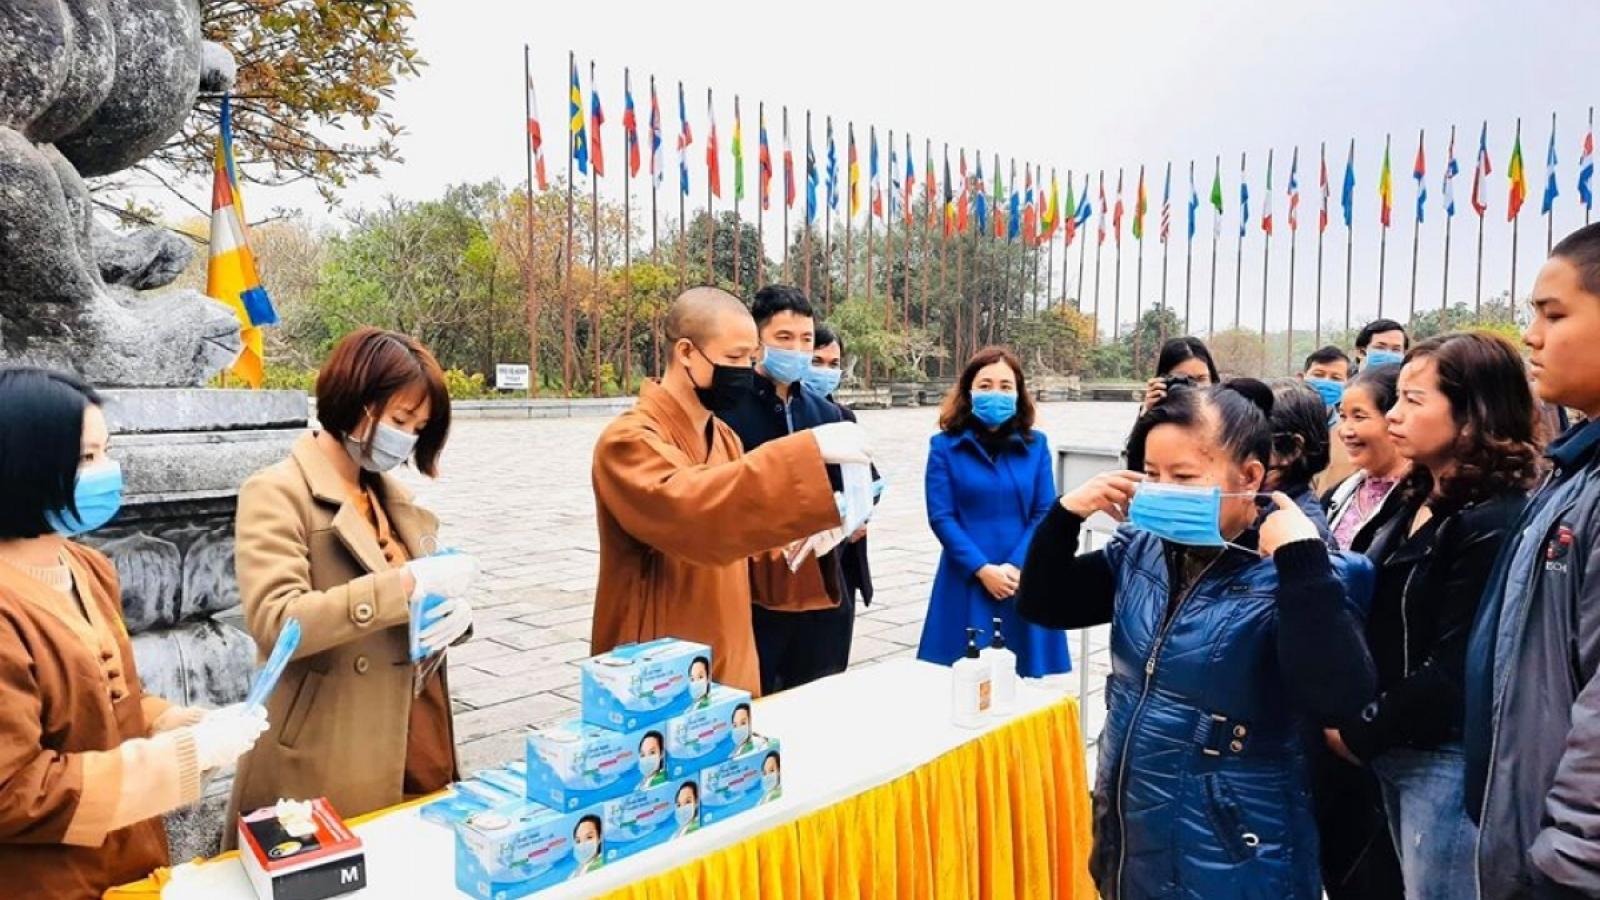 Giáo hội Phật giáo VN kêu gọi người dân phát giác các trường hợp nhập cảnh trái phép